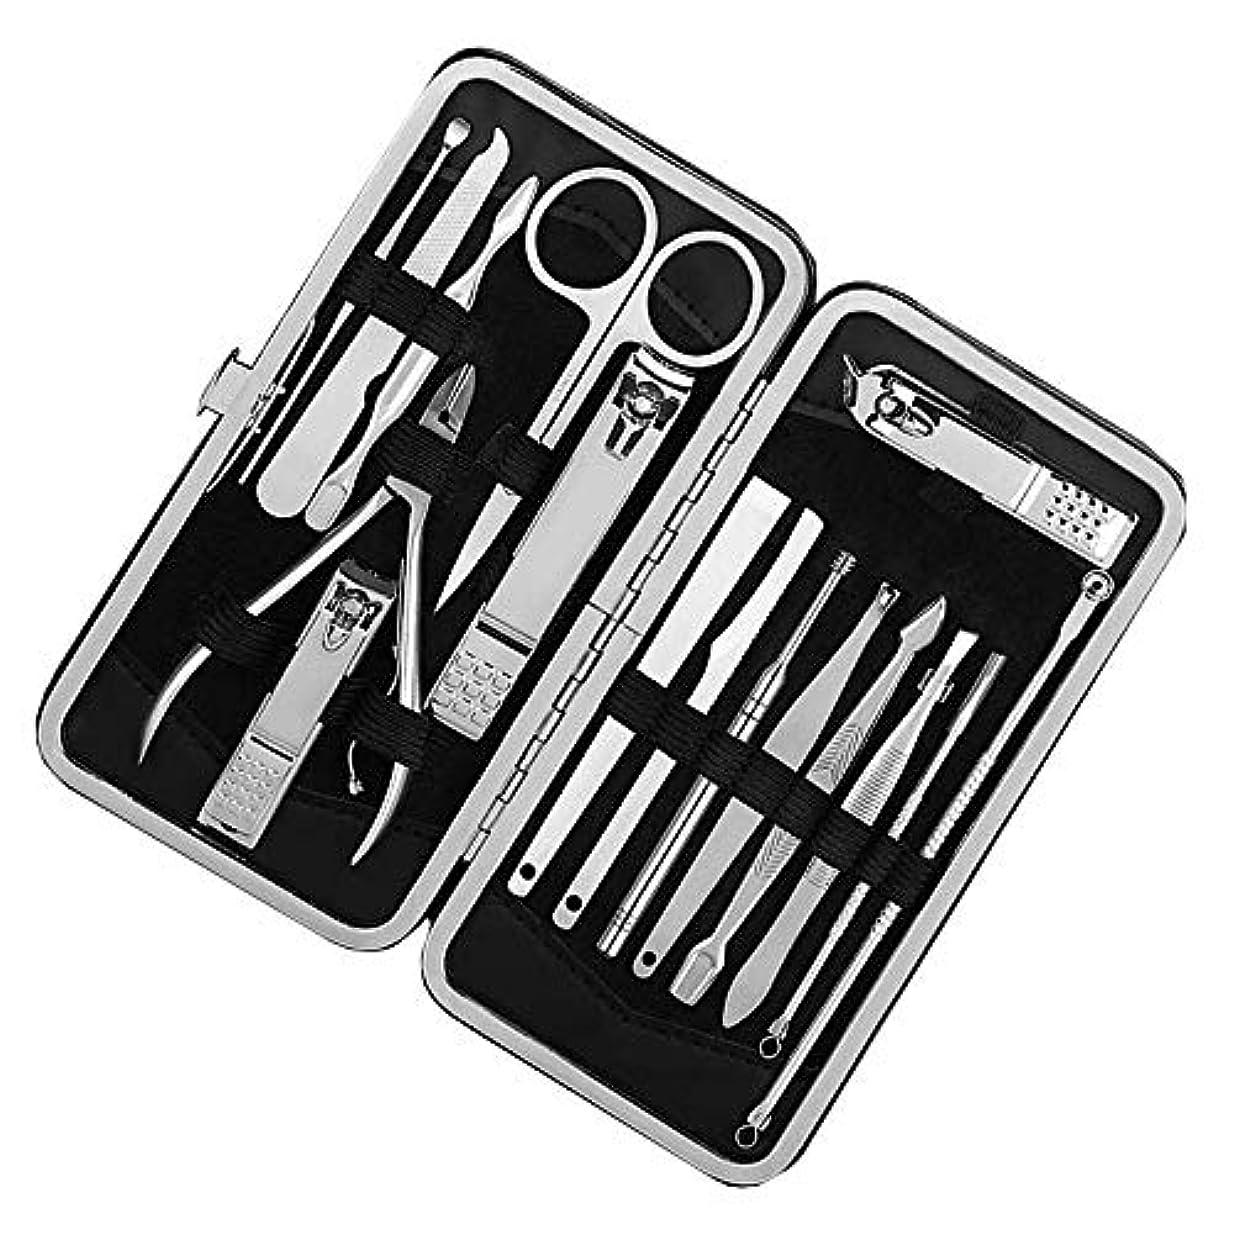 漂流保険をかける無数の爪切り16点セット ネイルケア グルーミングキット ペディキュア マニキュアセット ステンレス製